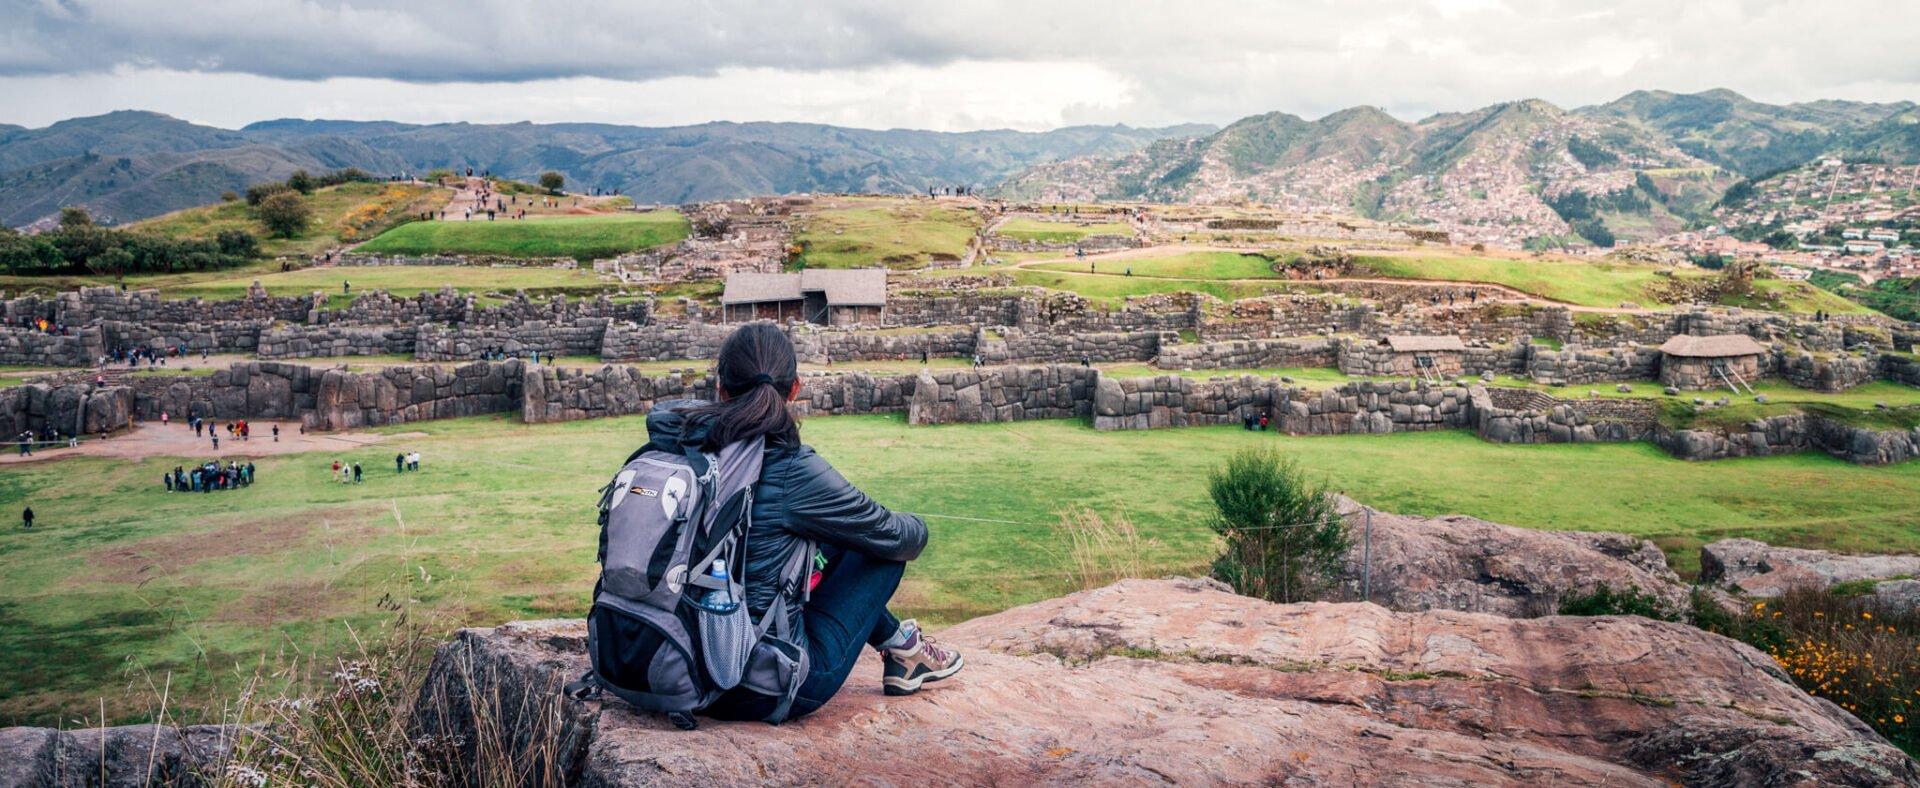 Sítio Arqueológico Sacsayuamán, em Cusco | Roteiro em Cusco, Peru